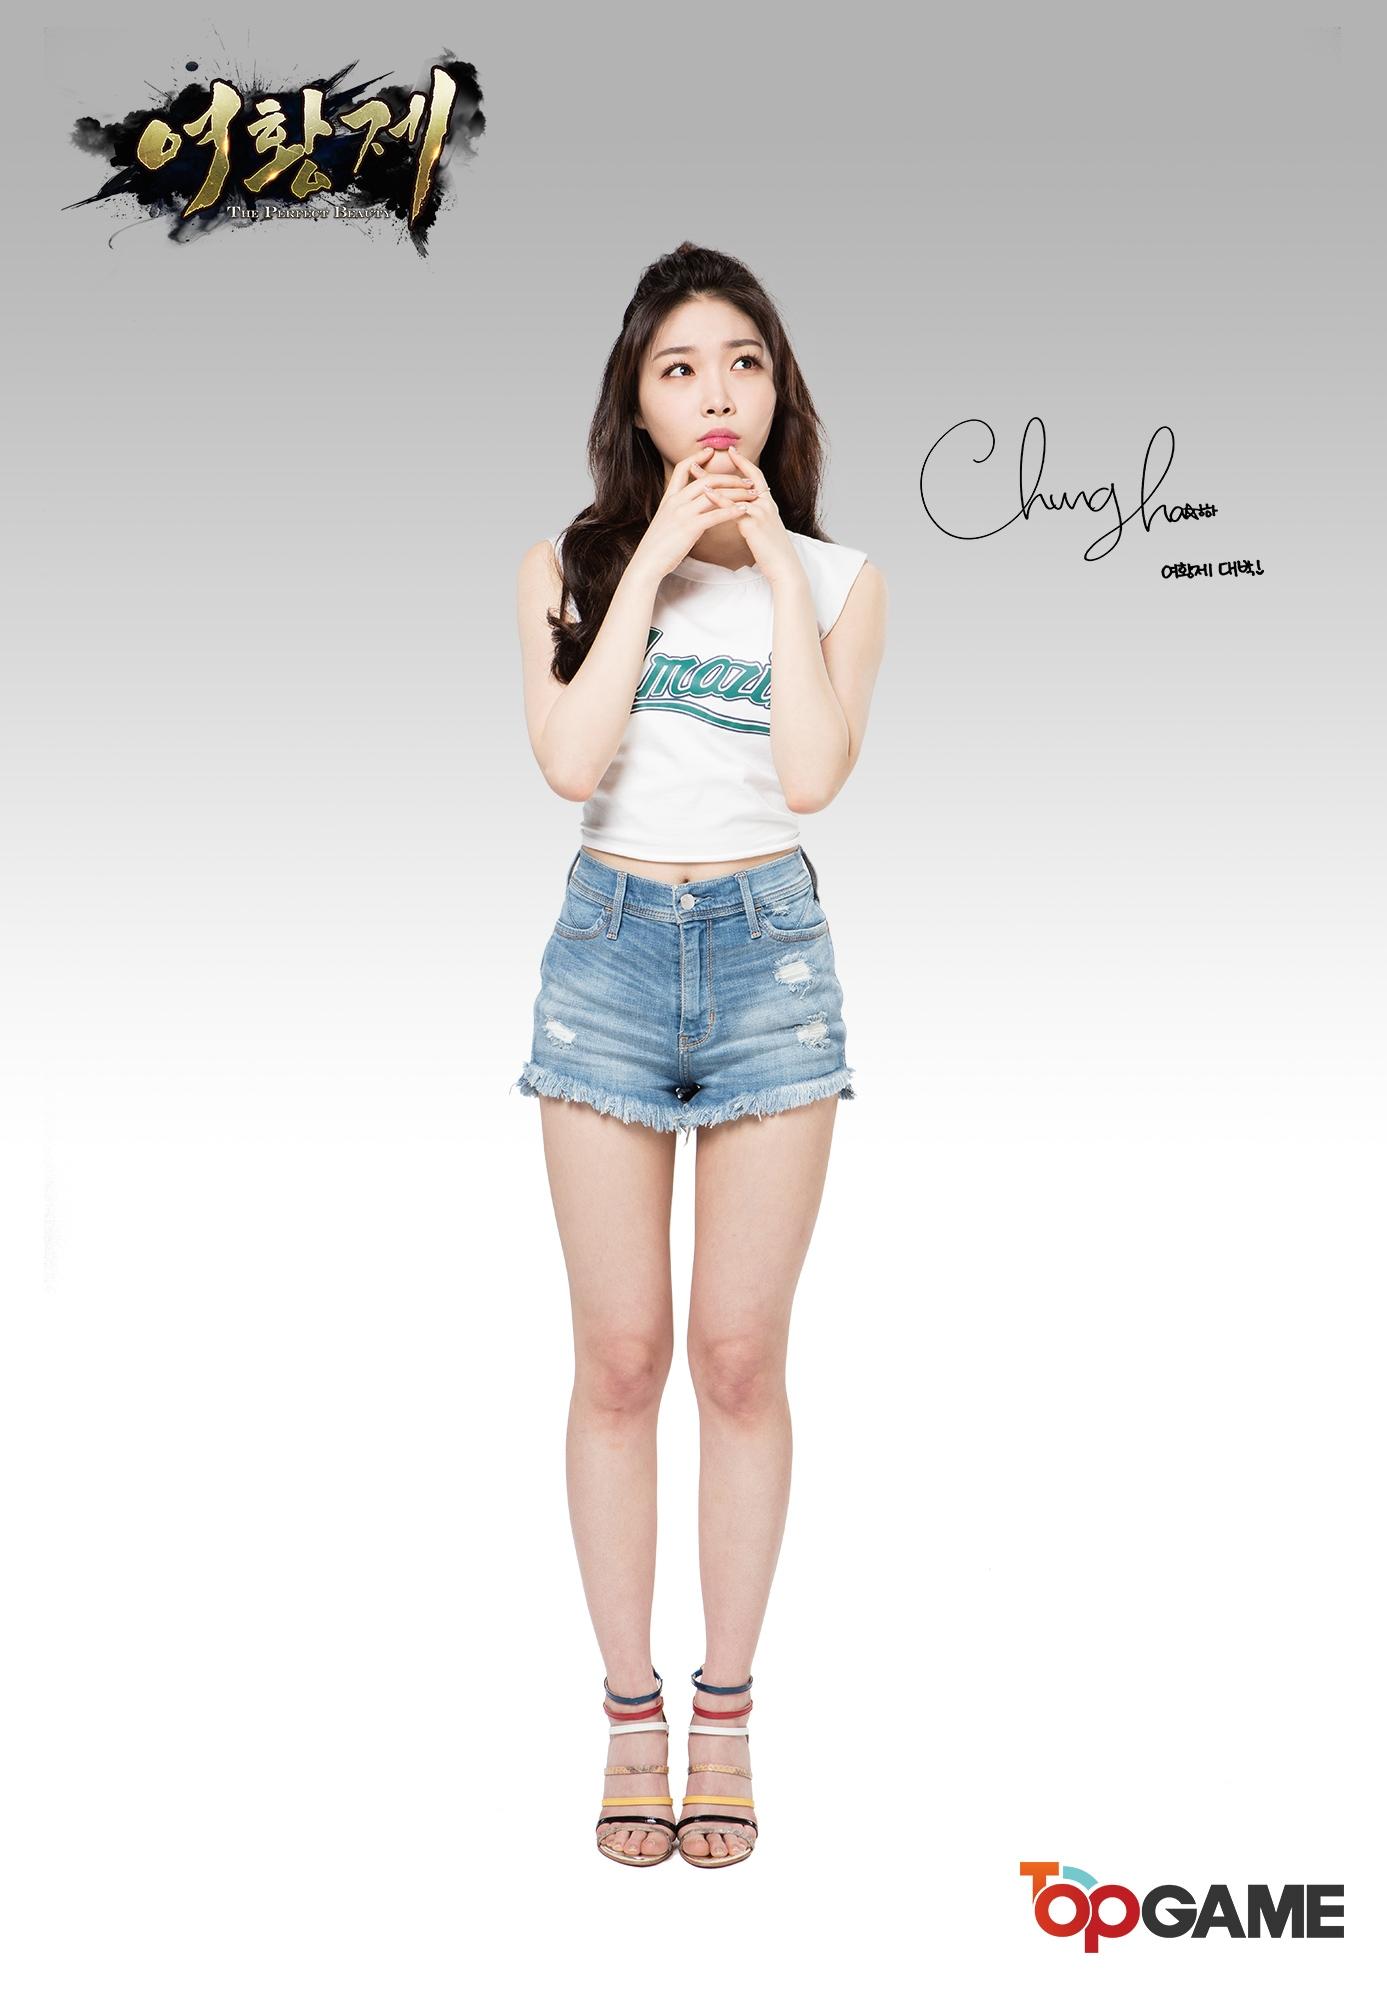 chungha004i